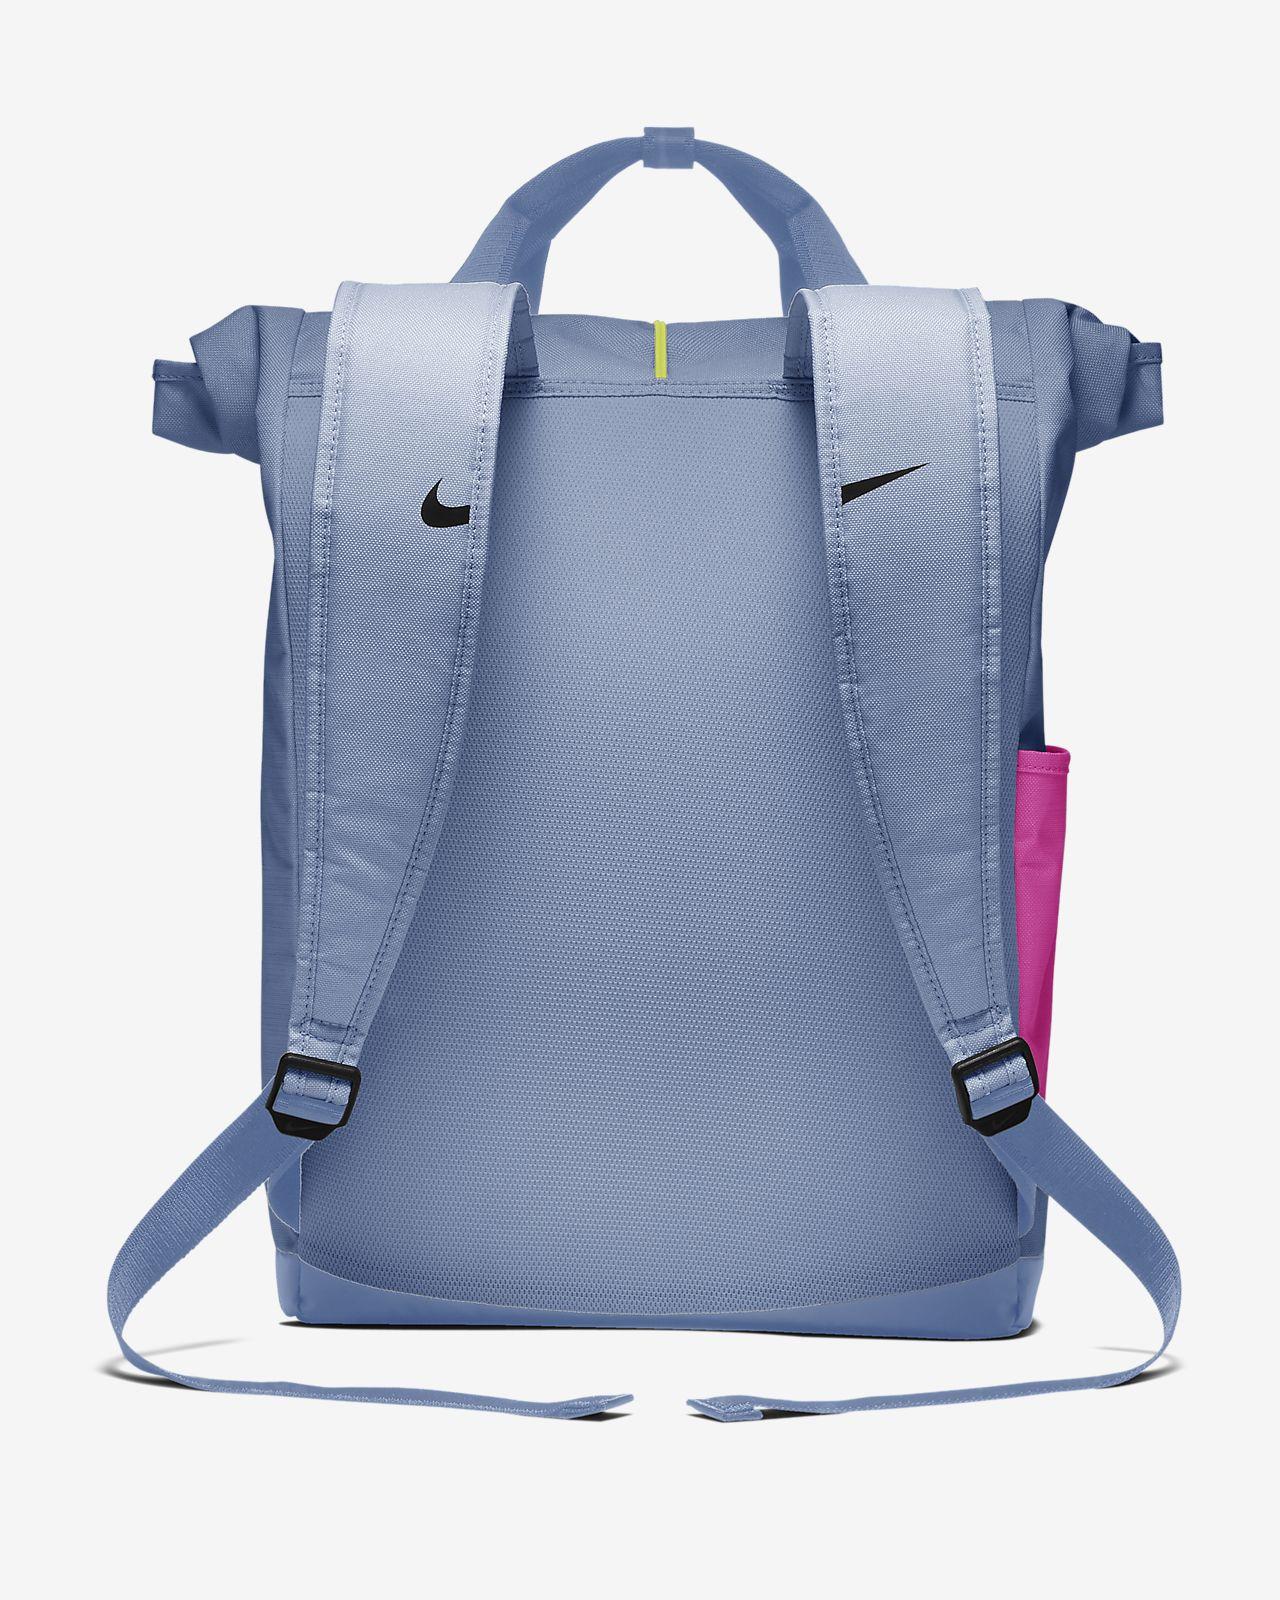 4ebf8ed27188 Low Resolution Nike Radiate Backpack Nike Radiate Backpack